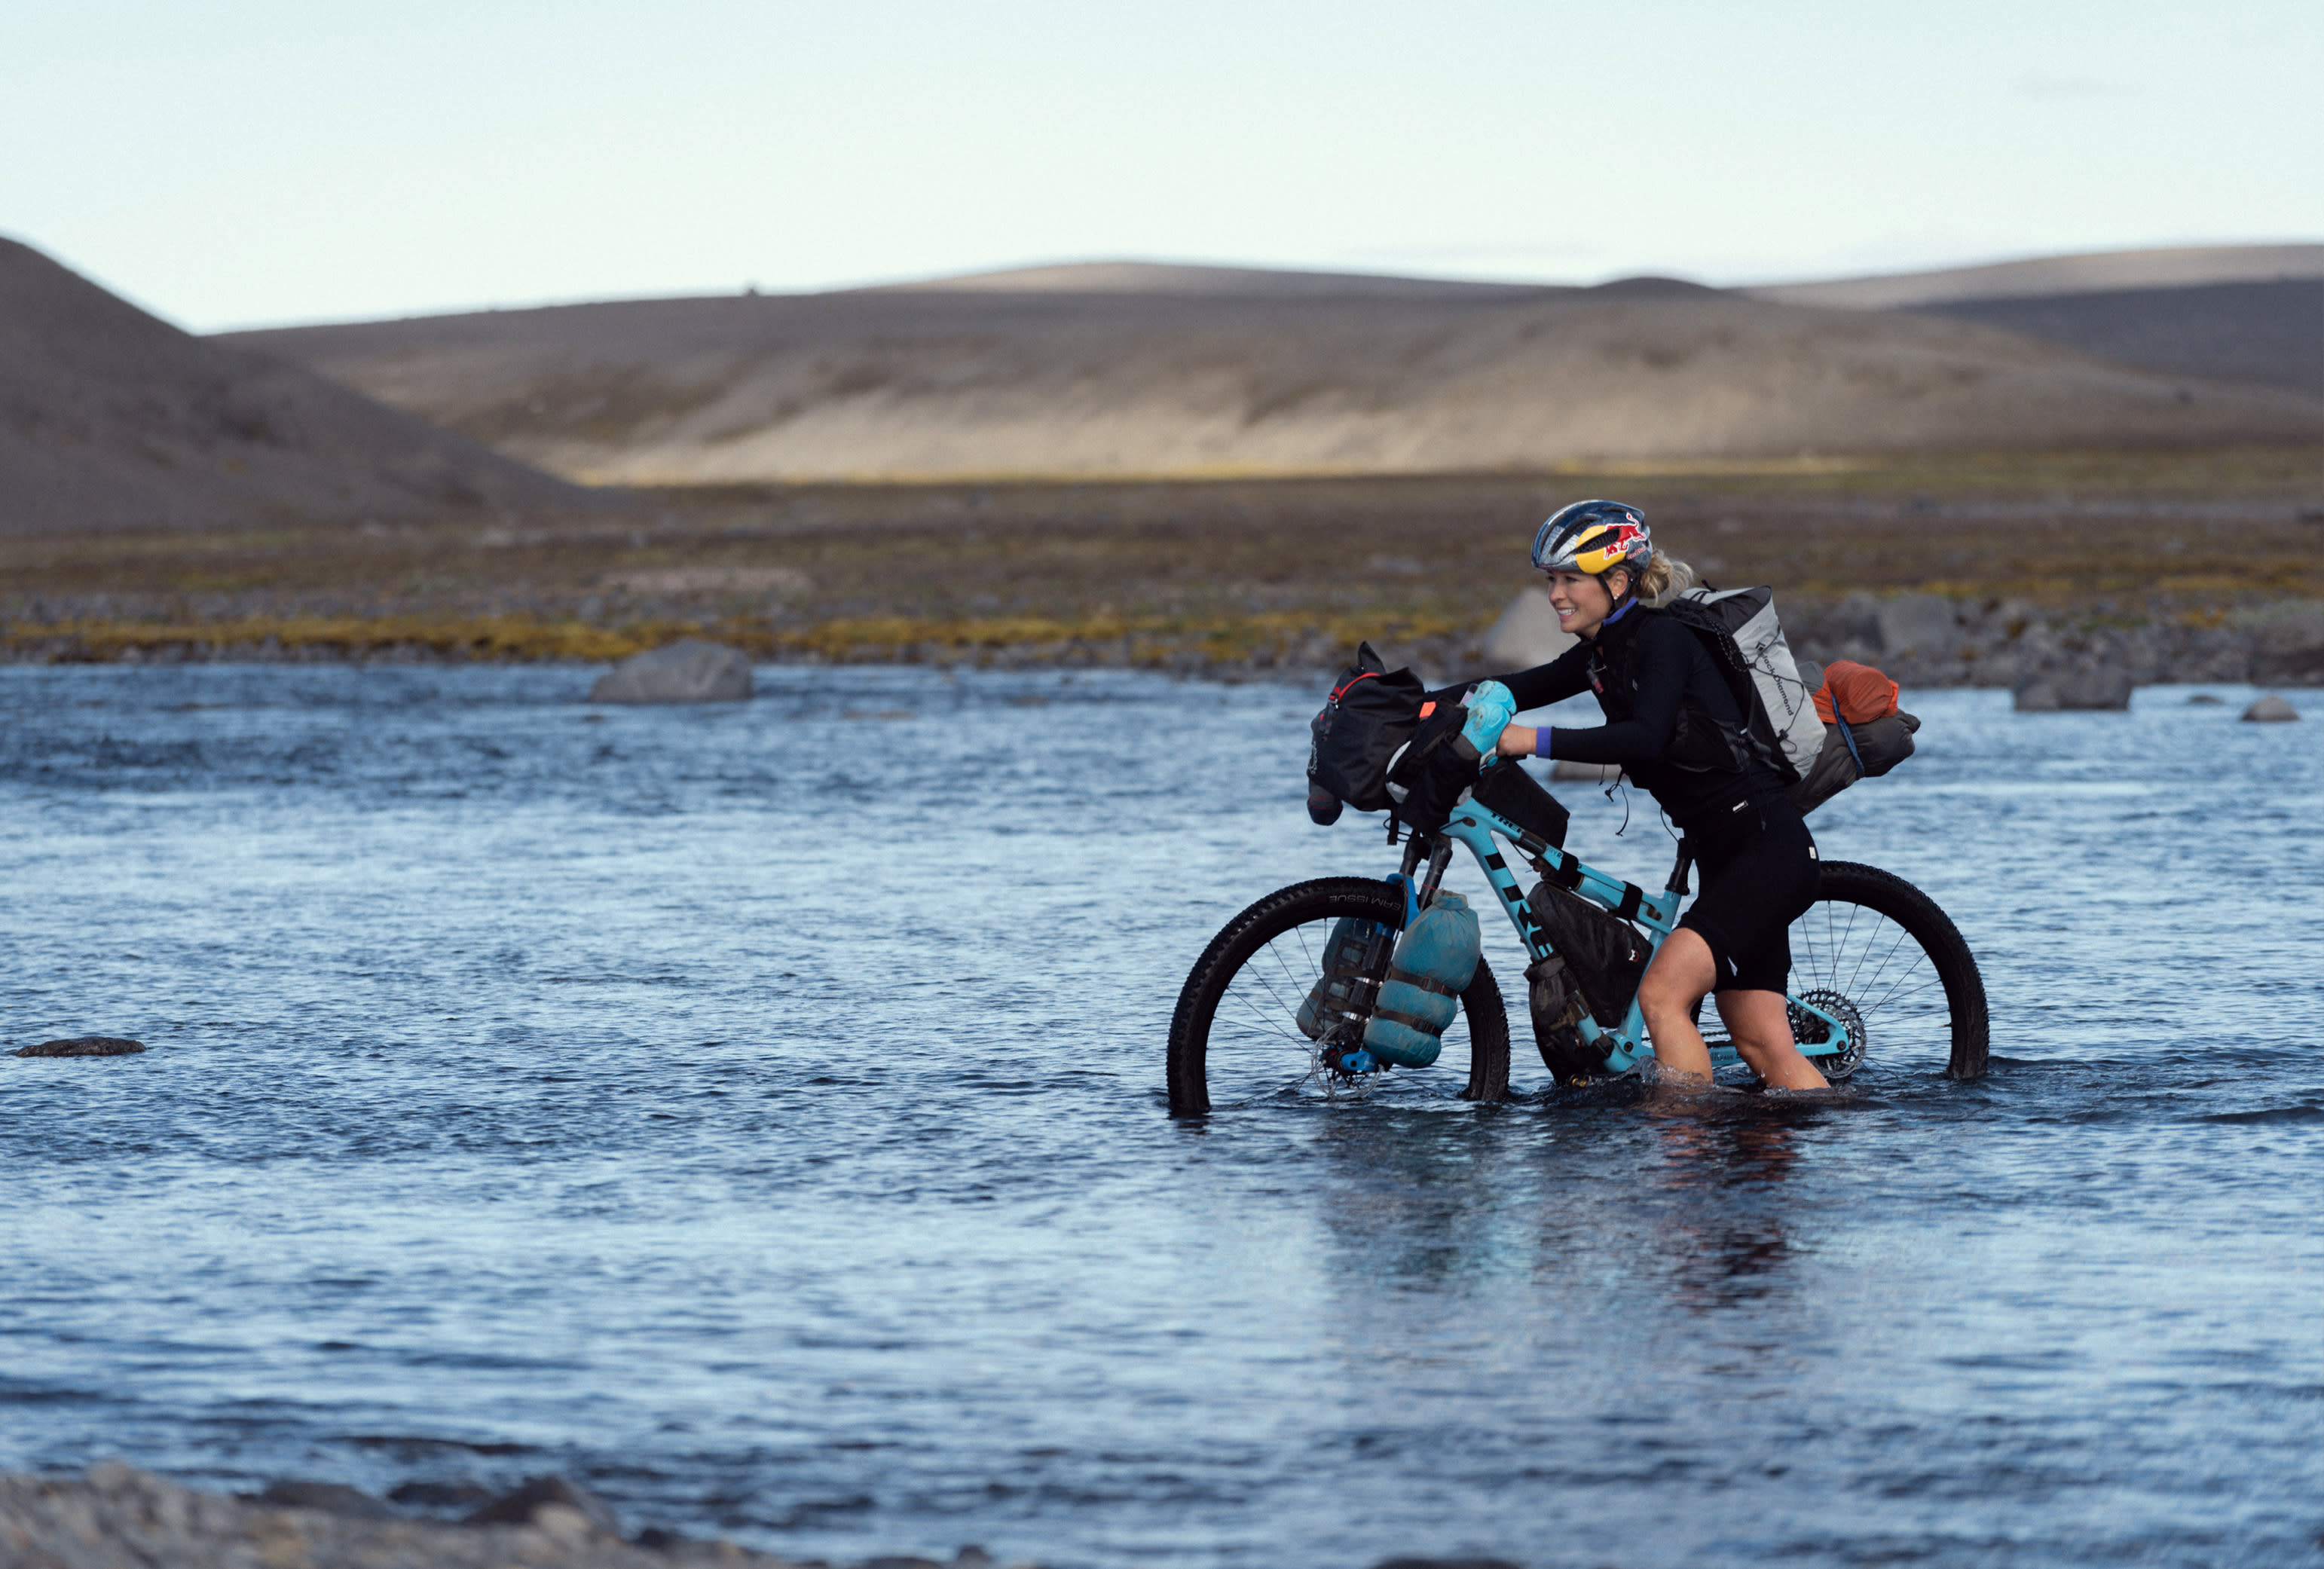 Woman pushing her bike through calf-deep water